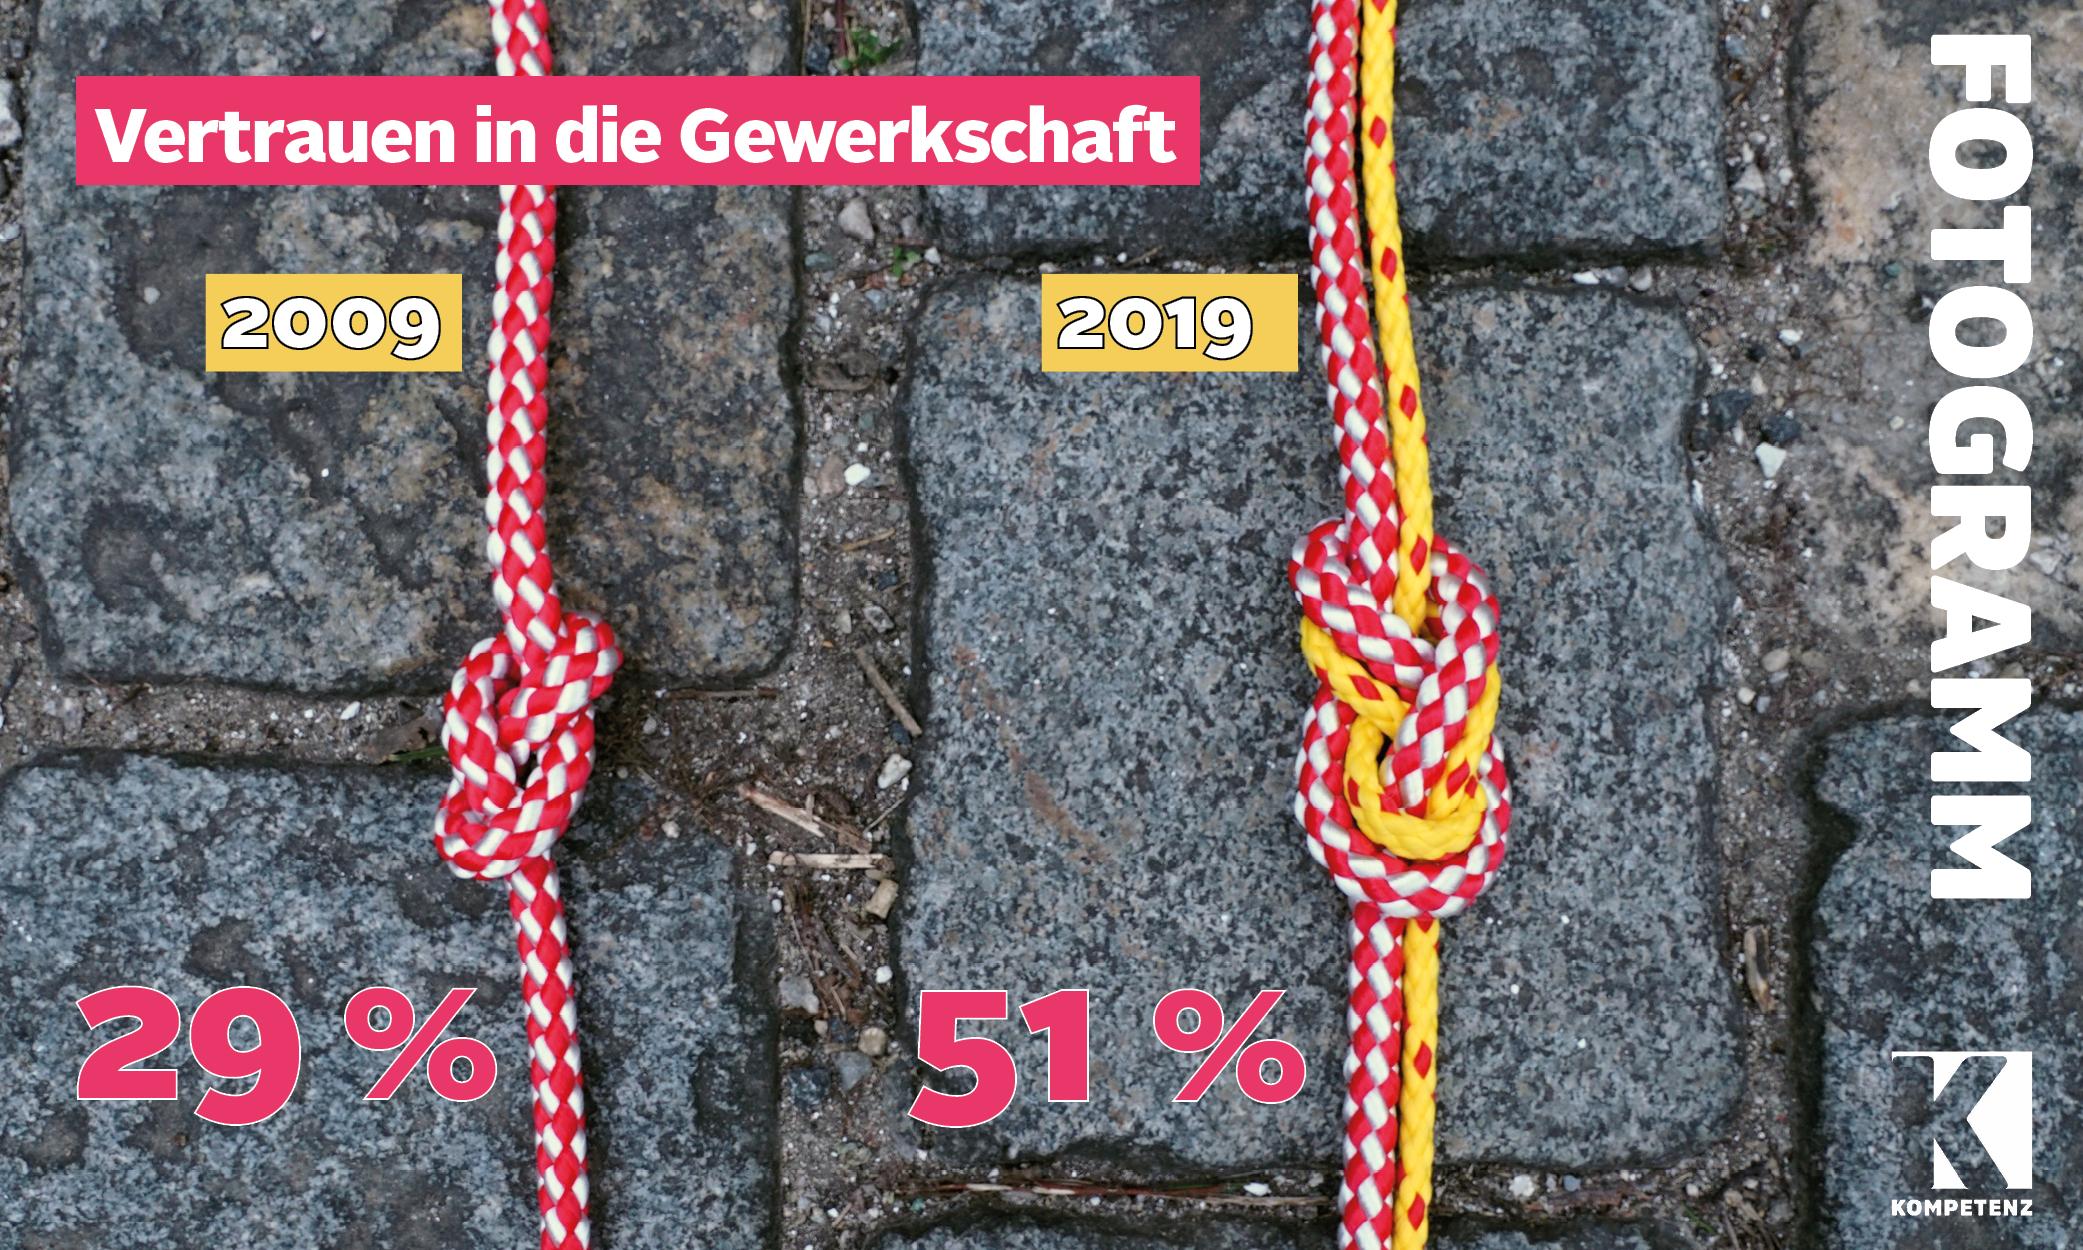 Grafik: Vertrauen in die Gewerkschaft wächst